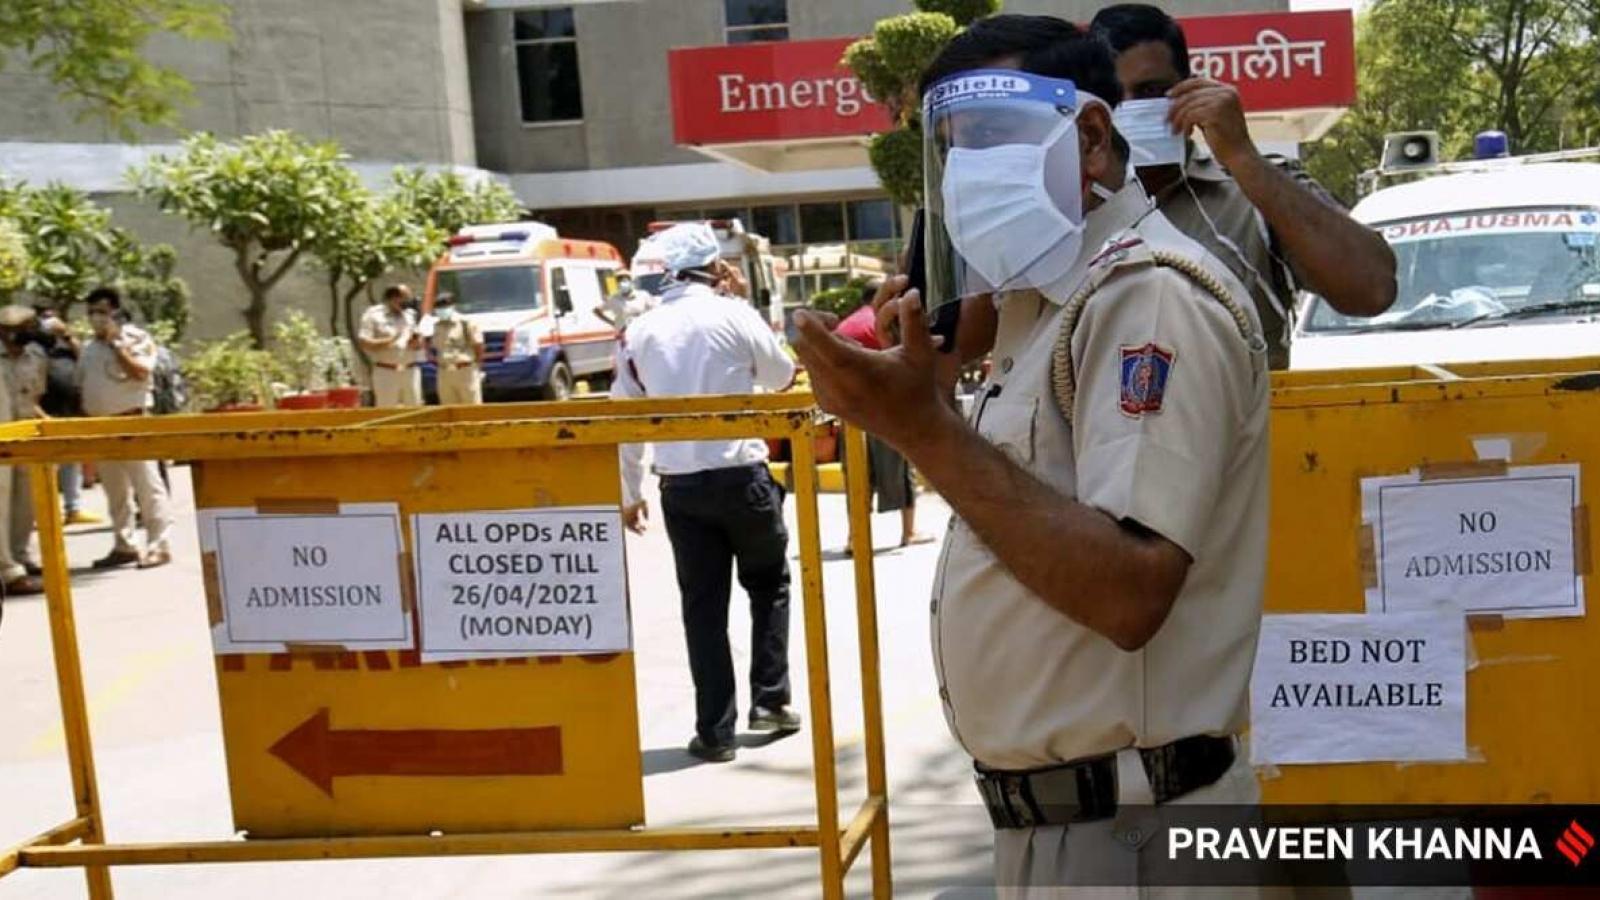 Dịch Covid-19 diễn biến nghiêm trọng, Ấn Độ gia hạn lệnh phong tỏa thủ đô